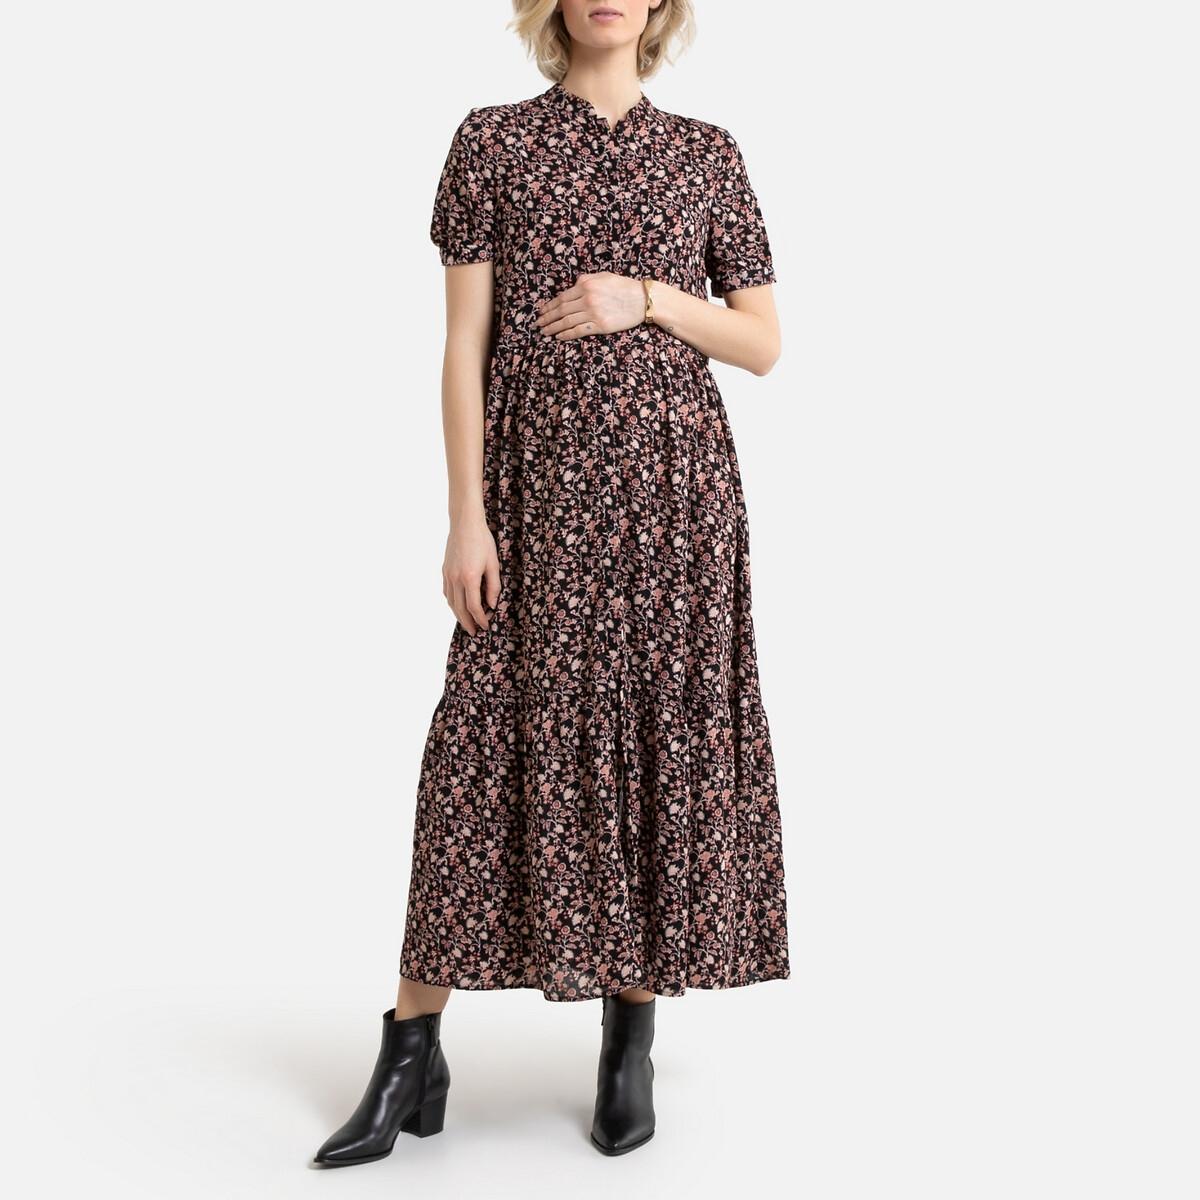 Платье La Redoute Для периода беременности длинное на пуговицах 40 (FR) - 46 (RUS) разноцветный платье la redoute длинное amandine s разноцветный